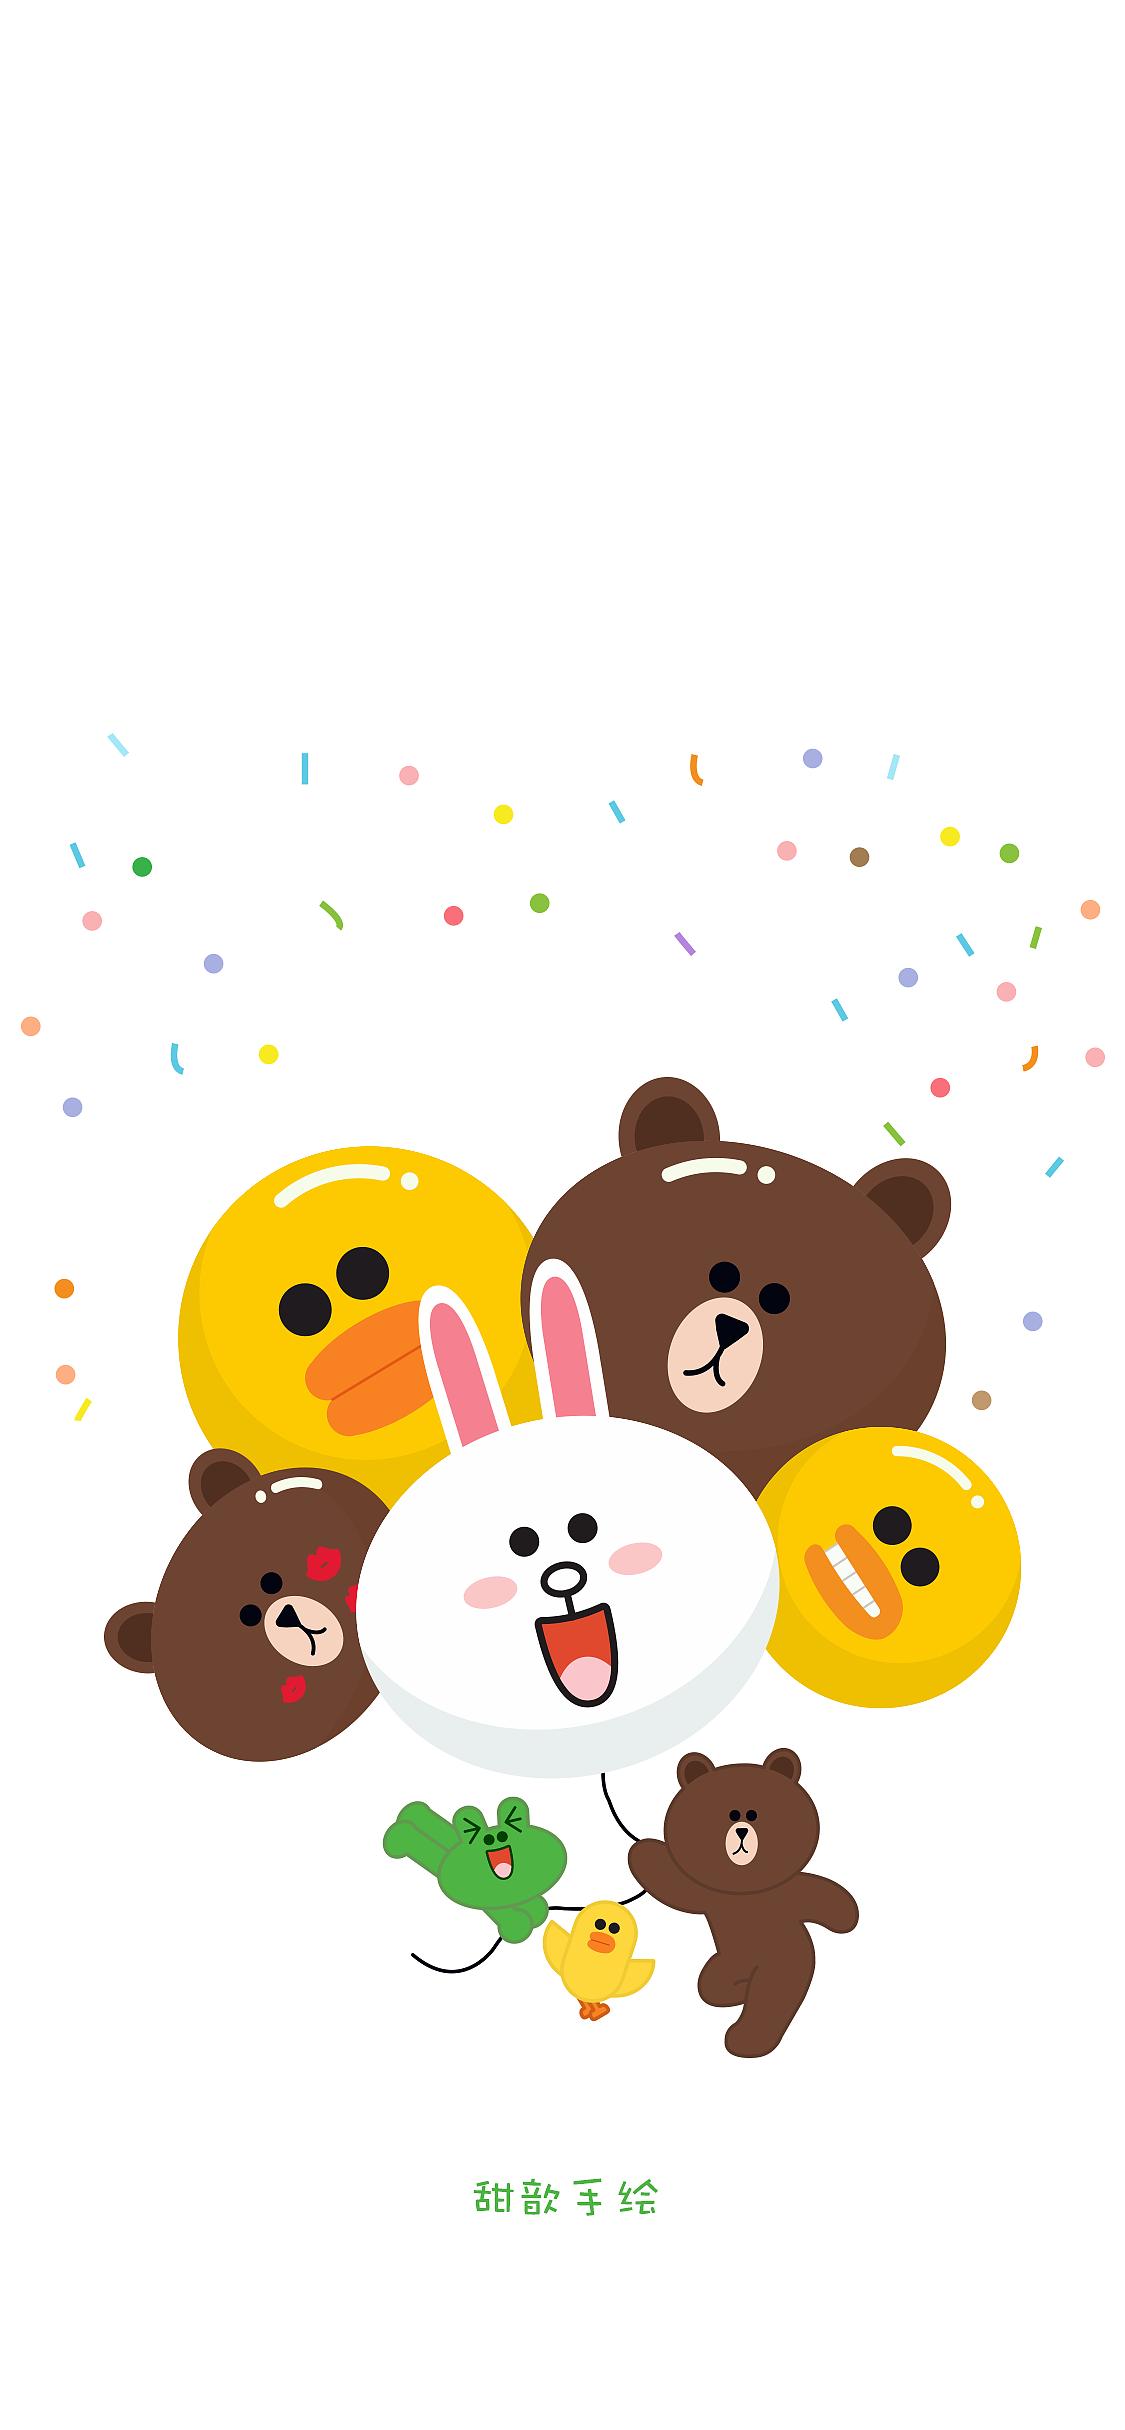 ai手绘iphonex壁纸(可妮兔和布朗熊一家)